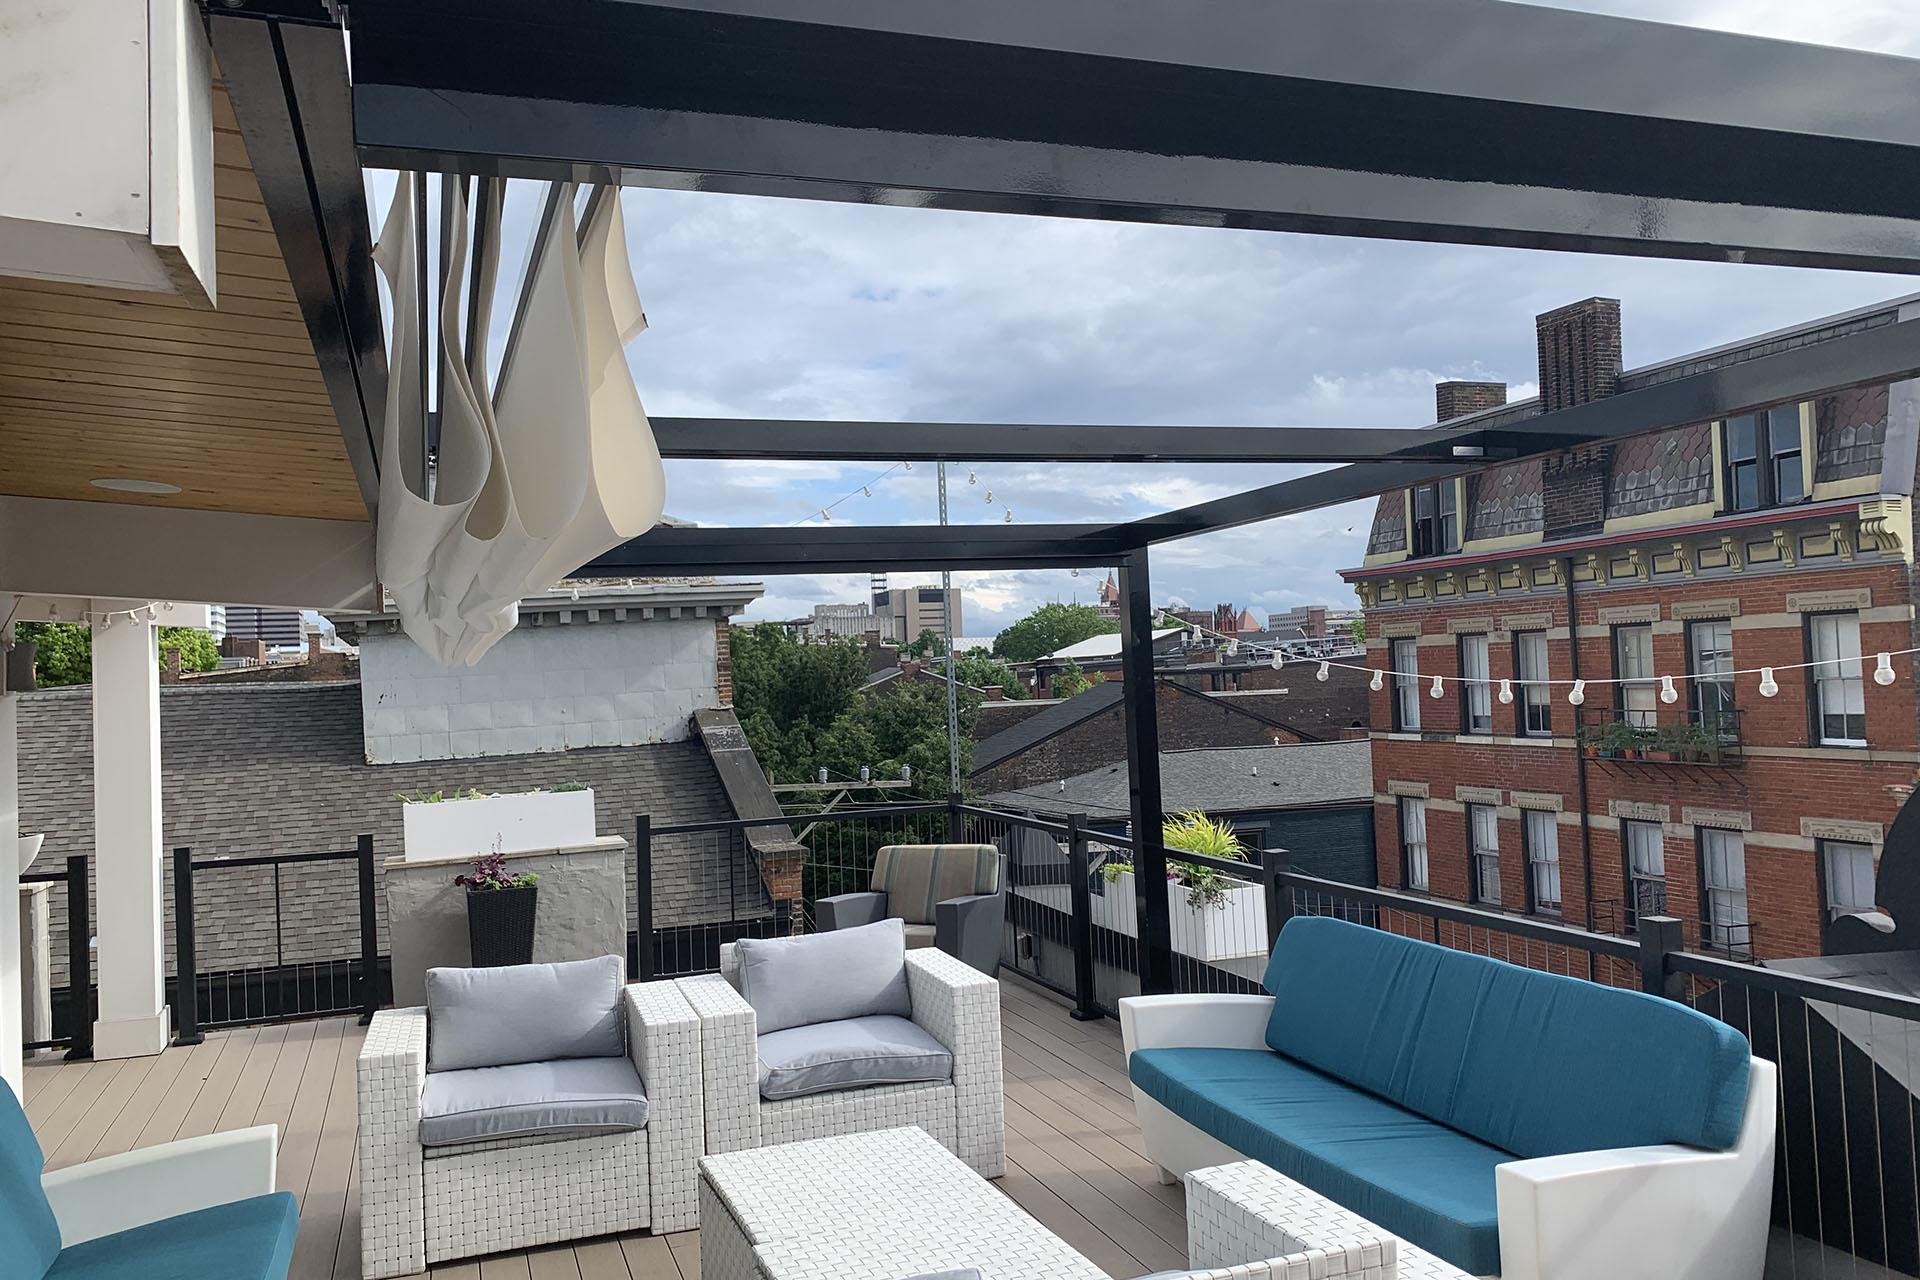 Retractable Canopy, Cincinnati - ShadeFX